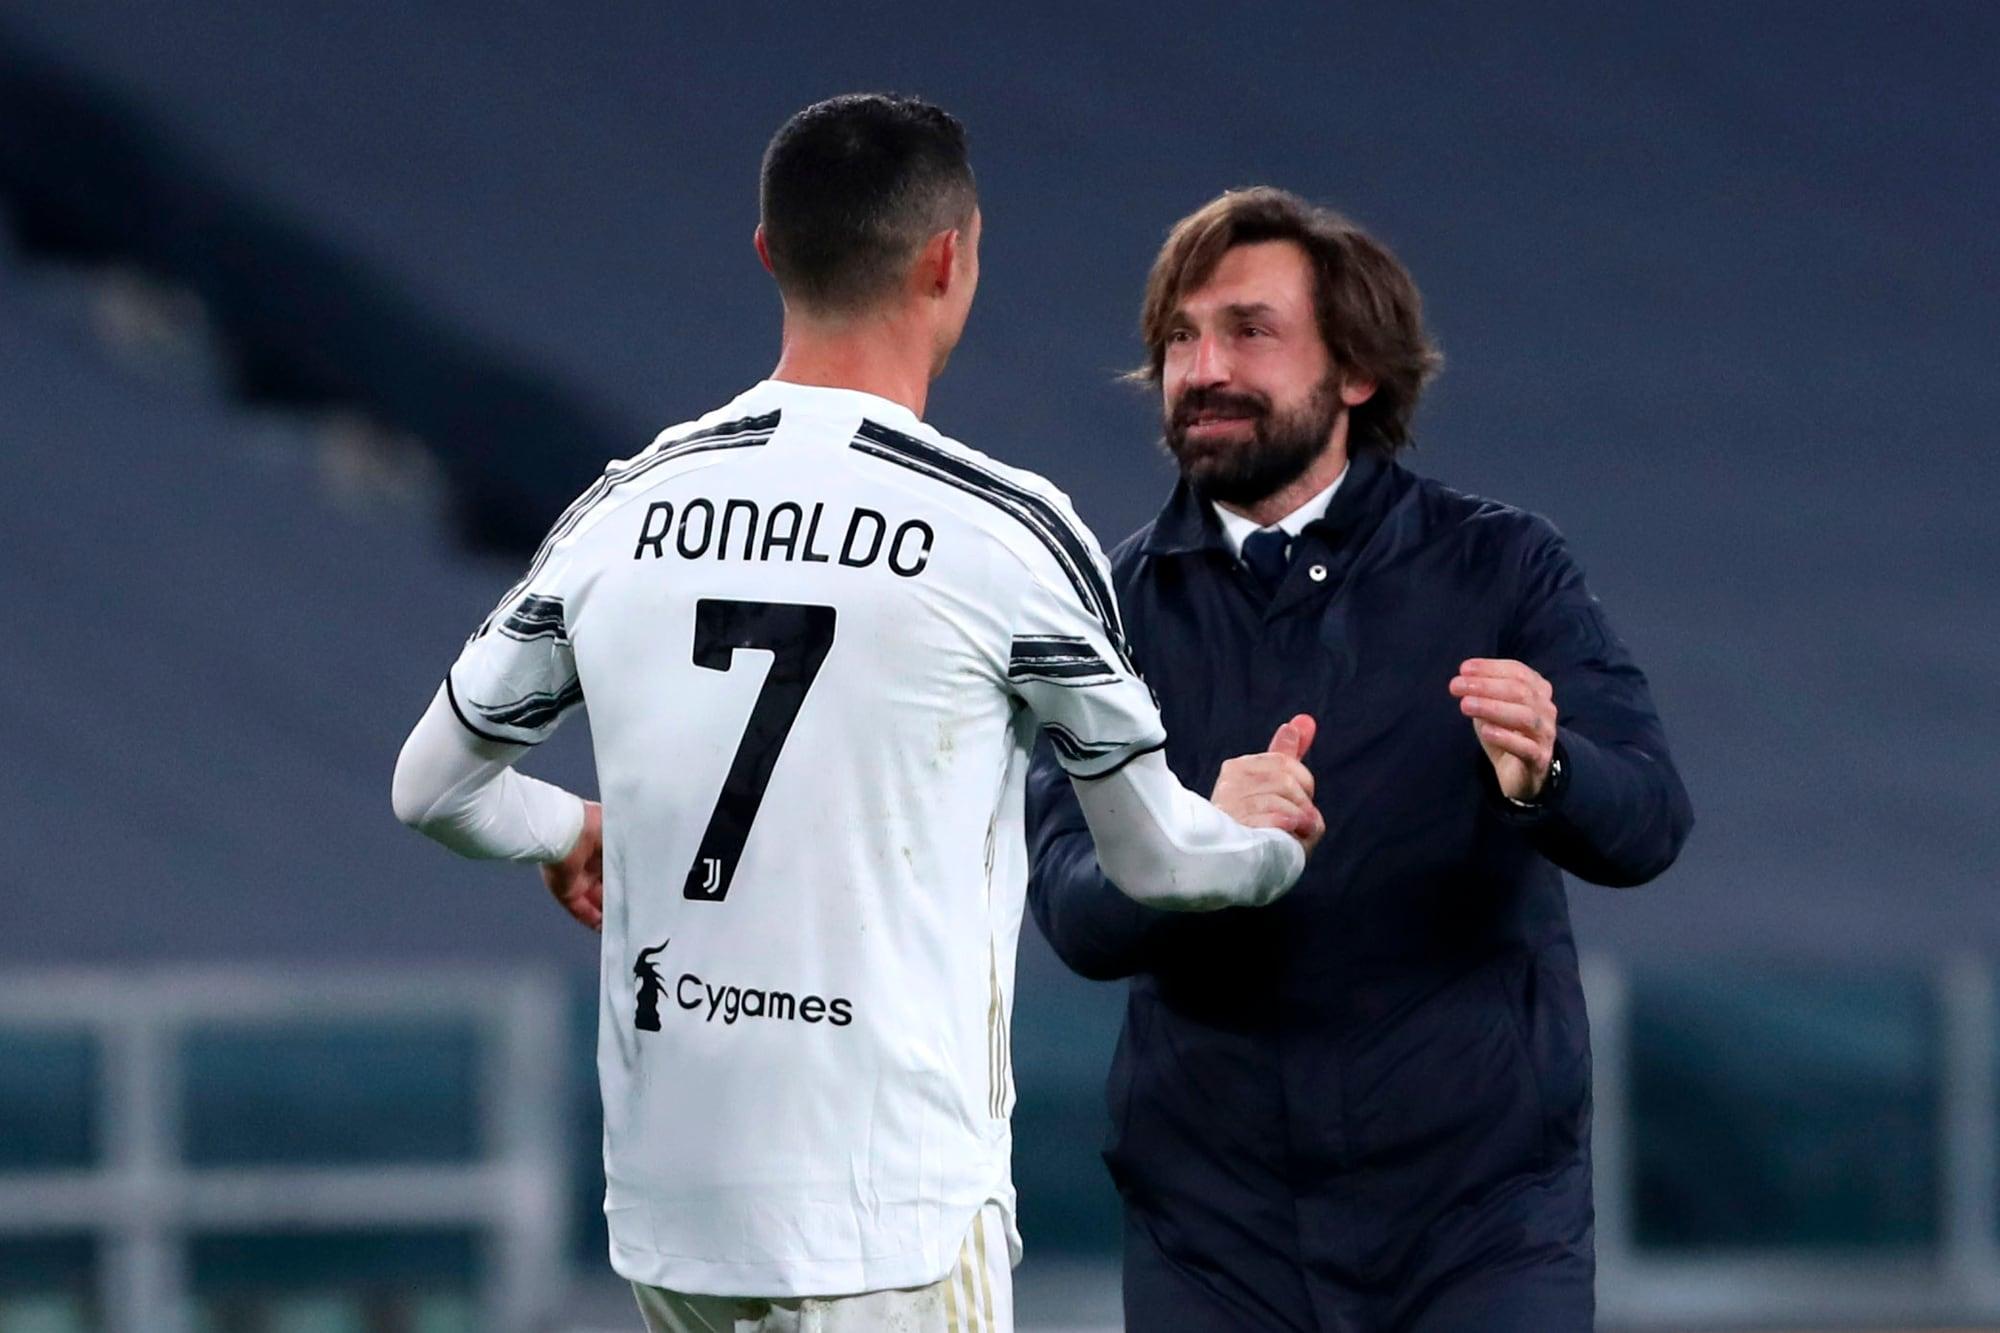 Juve-Napoli, la formazione ufficiale di Pirlo